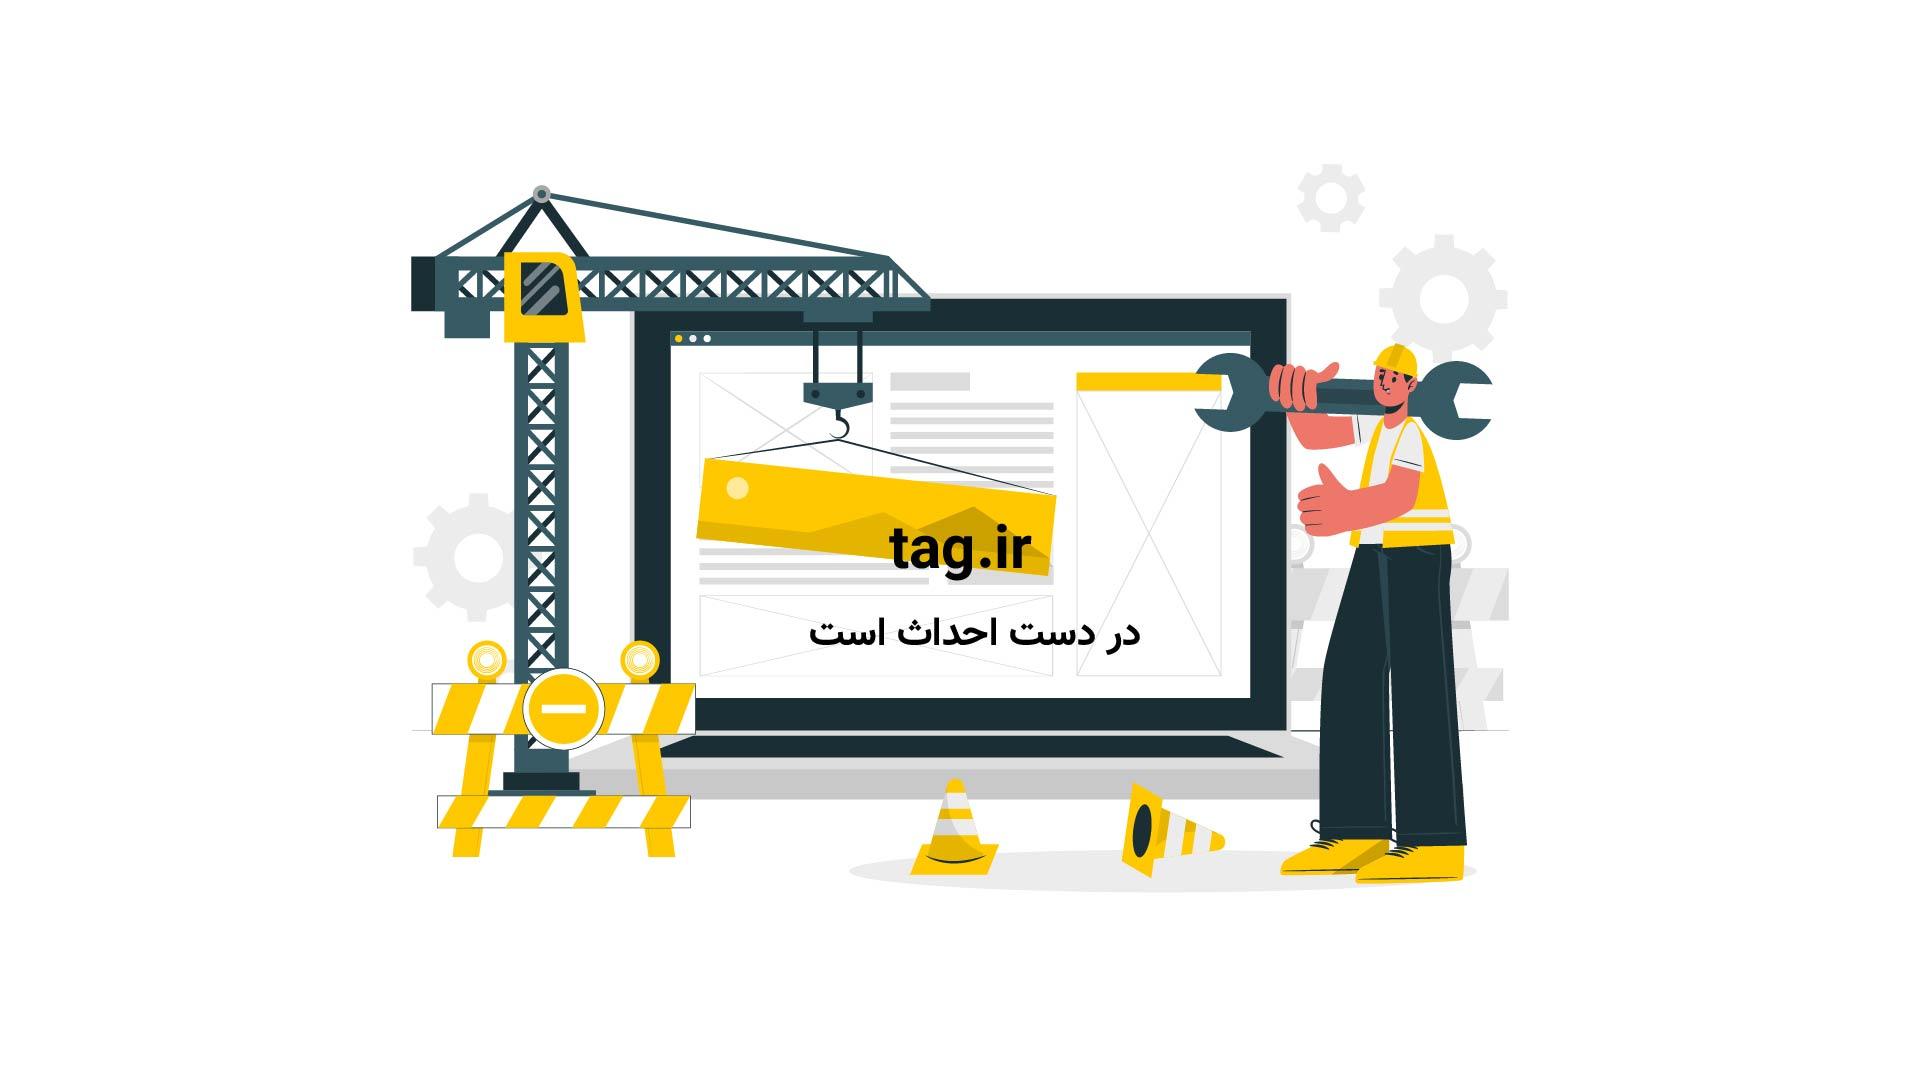 آموزش تهیه یک صبحانه ویژه با نان ترتیلا | فیلم